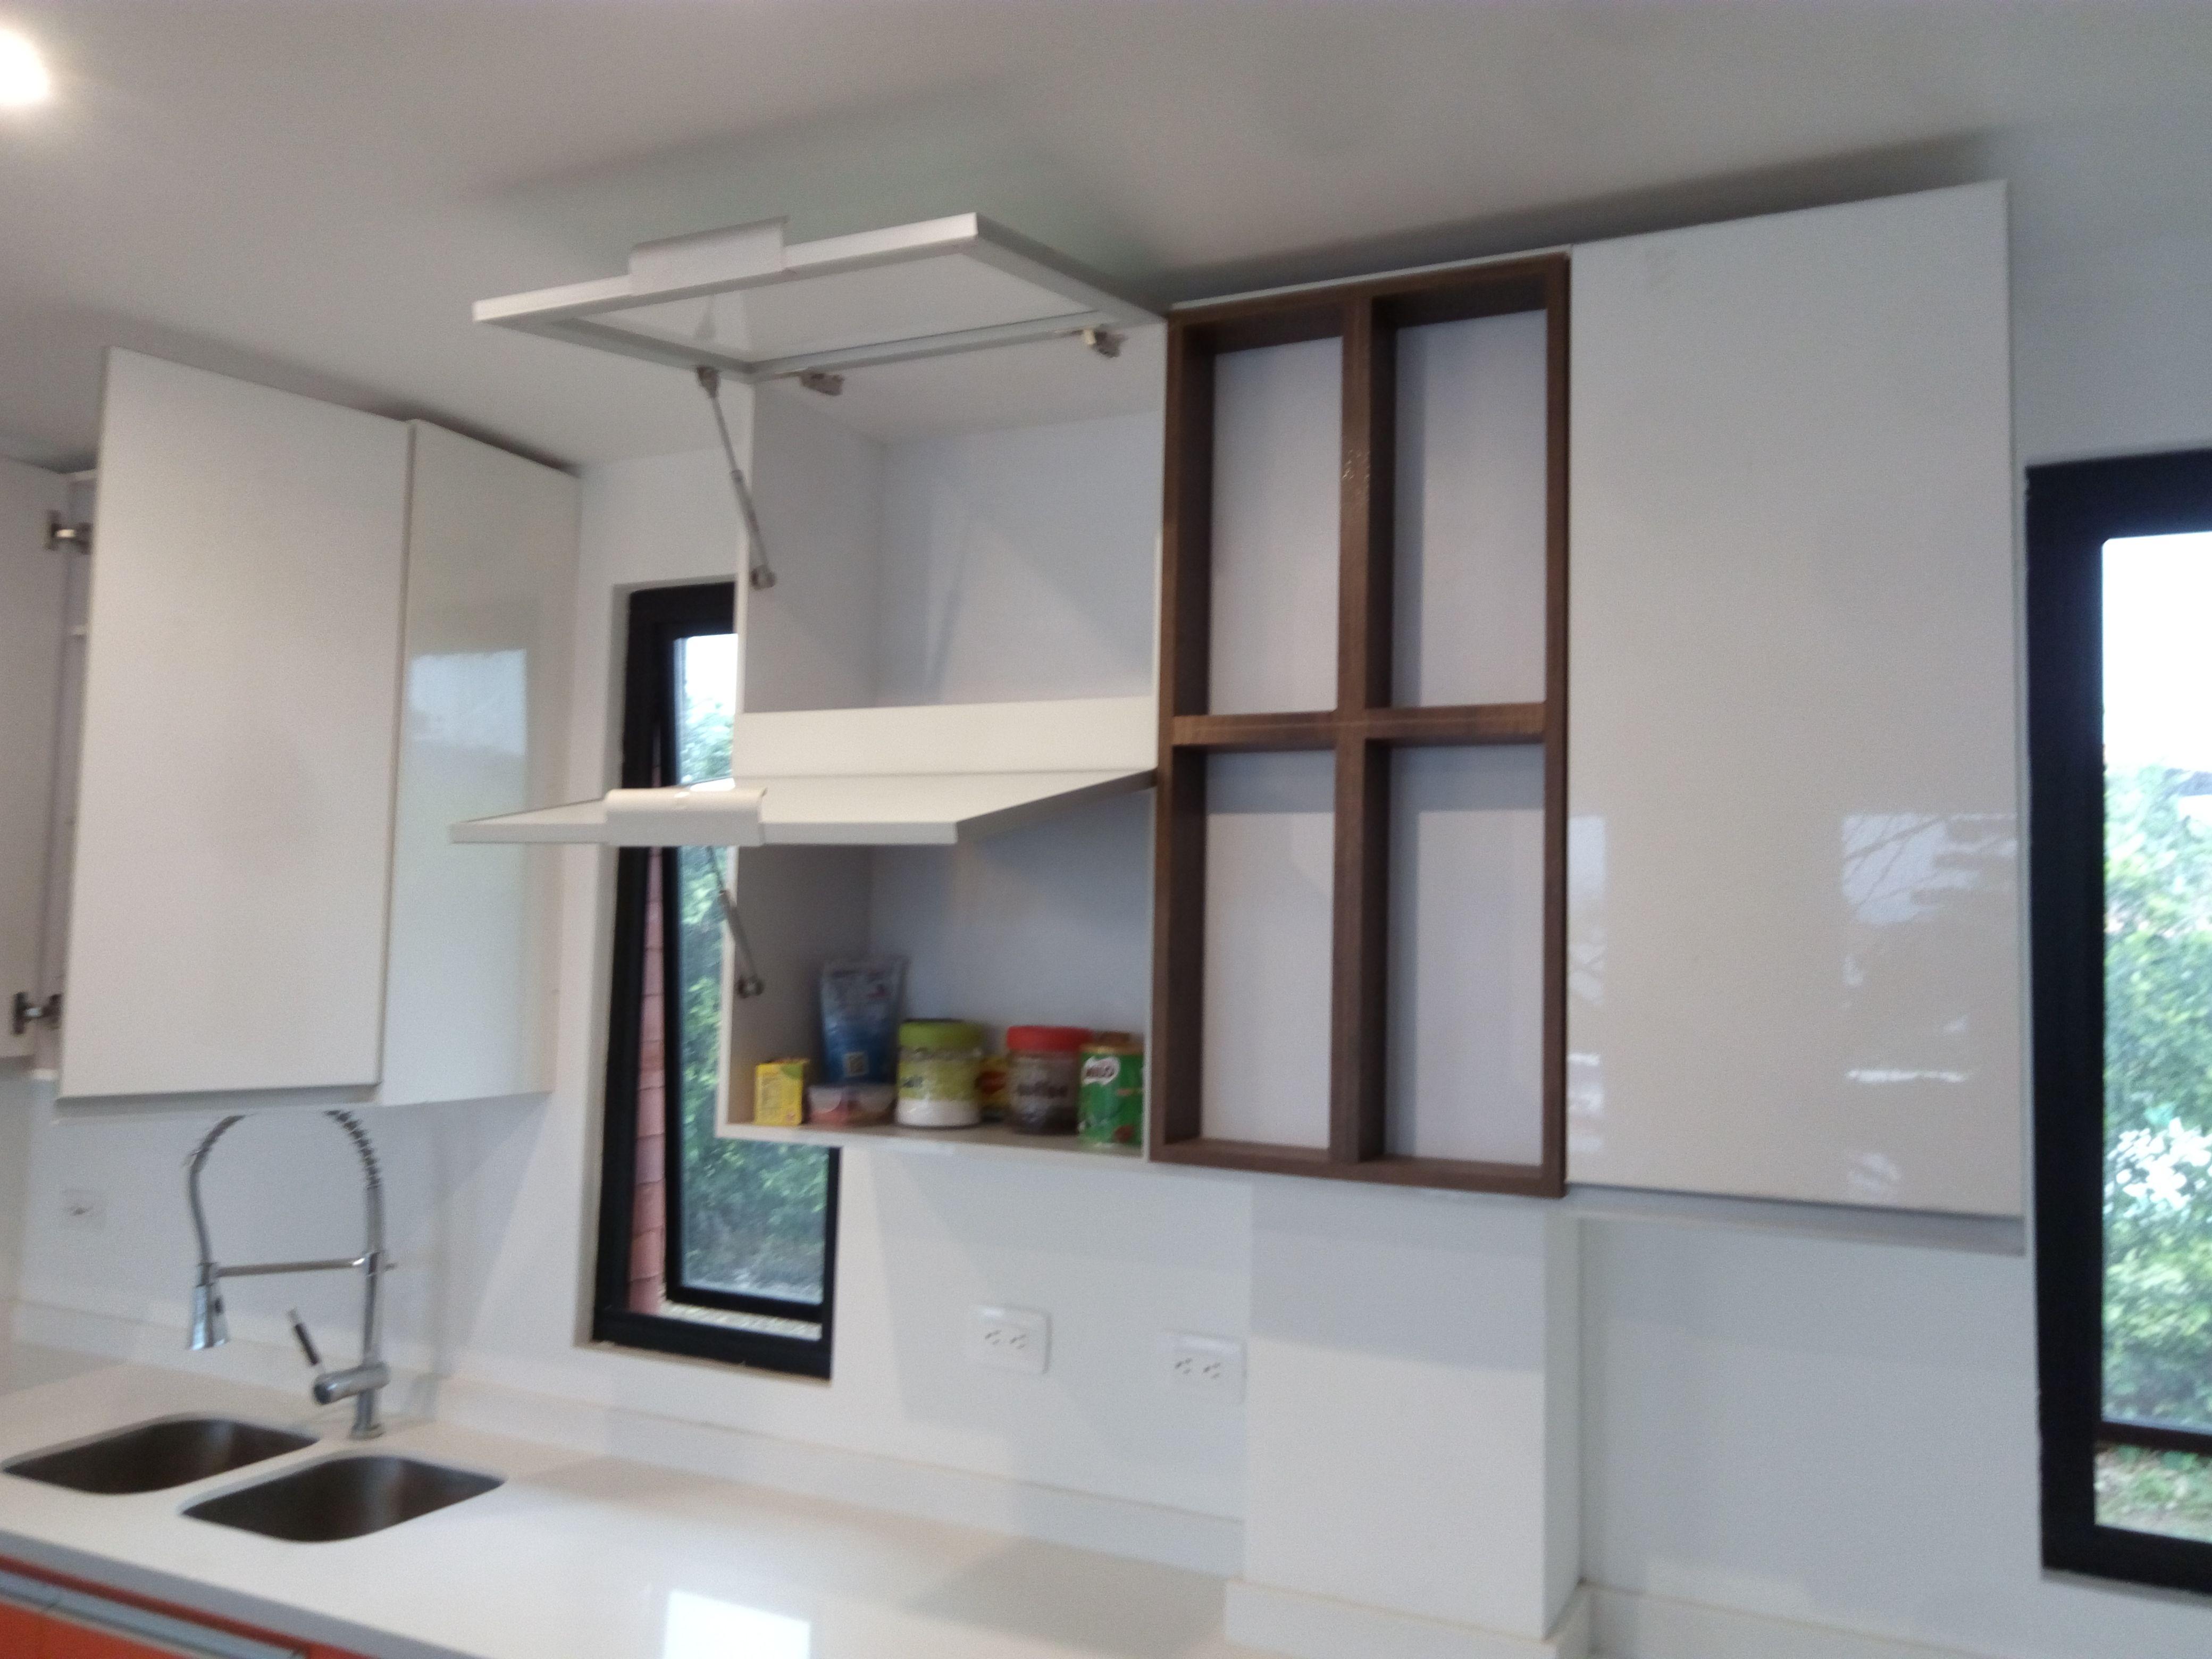 Puertas abatibles en aluminio y vidrio laminado blanco - Cristales para puertas de cocina ...